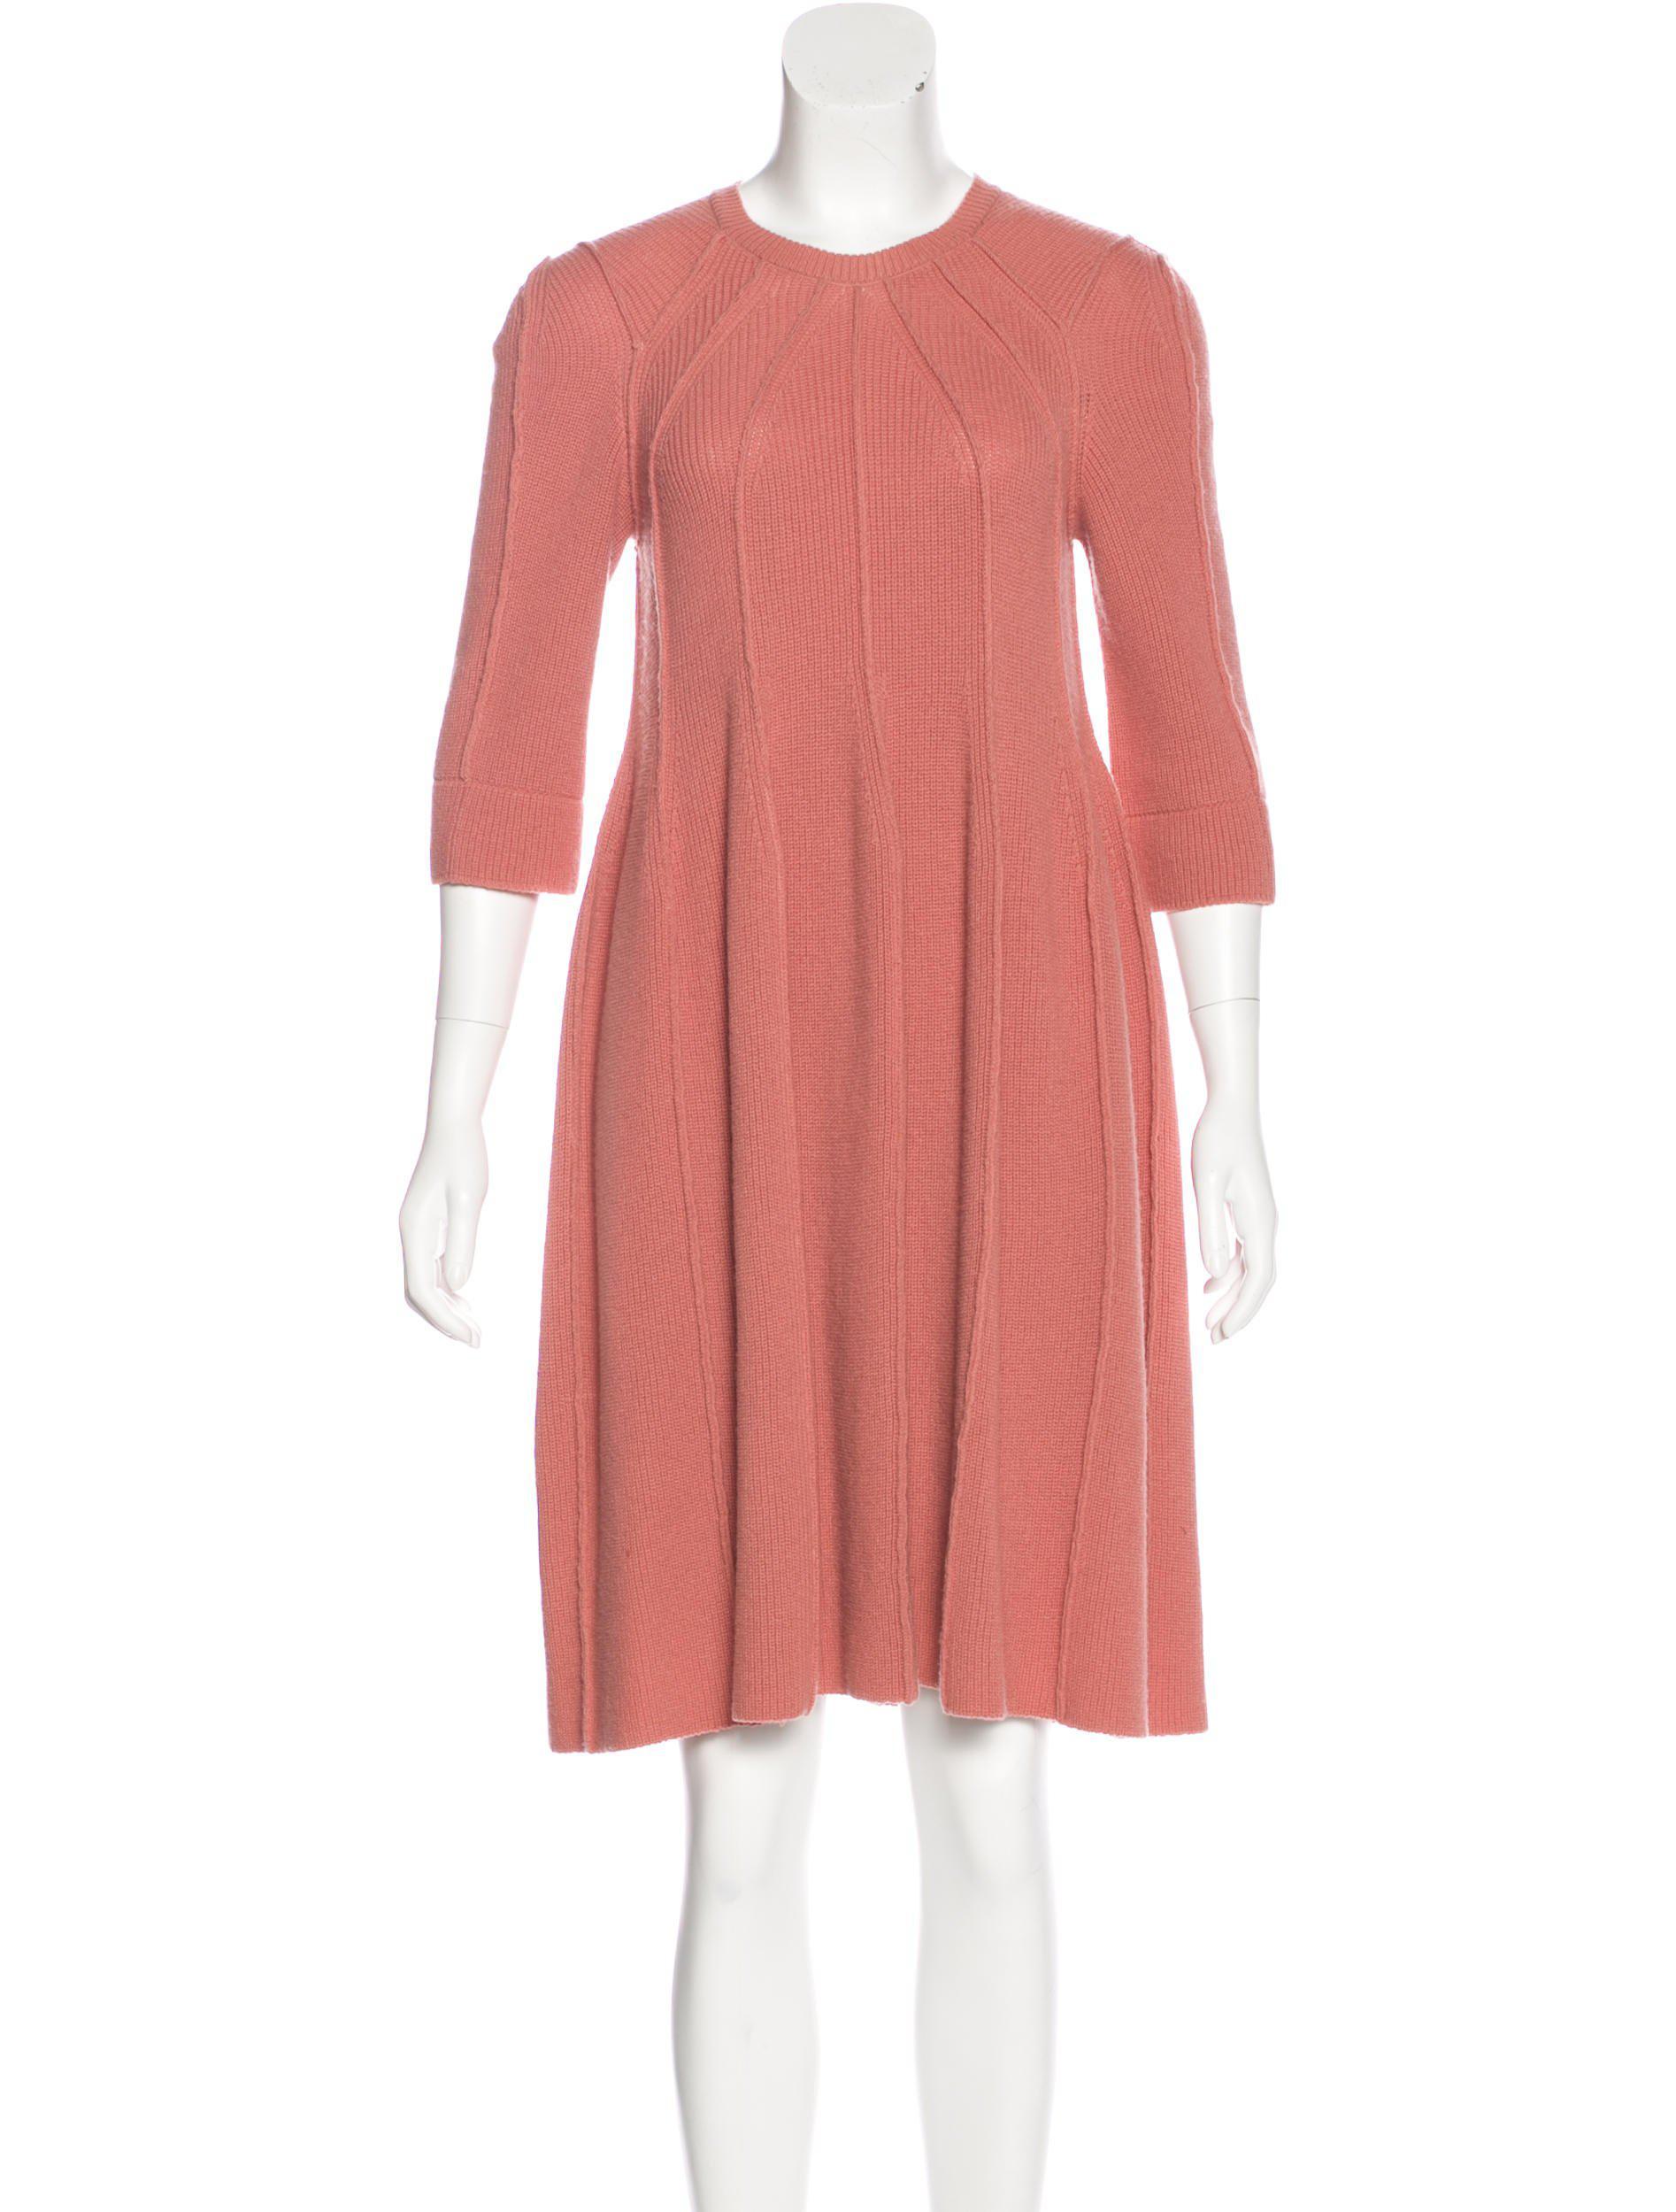 205048c64b5ea5 Lyst - Sonia Rykiel Wool Knit Knee-length Dress in Pink